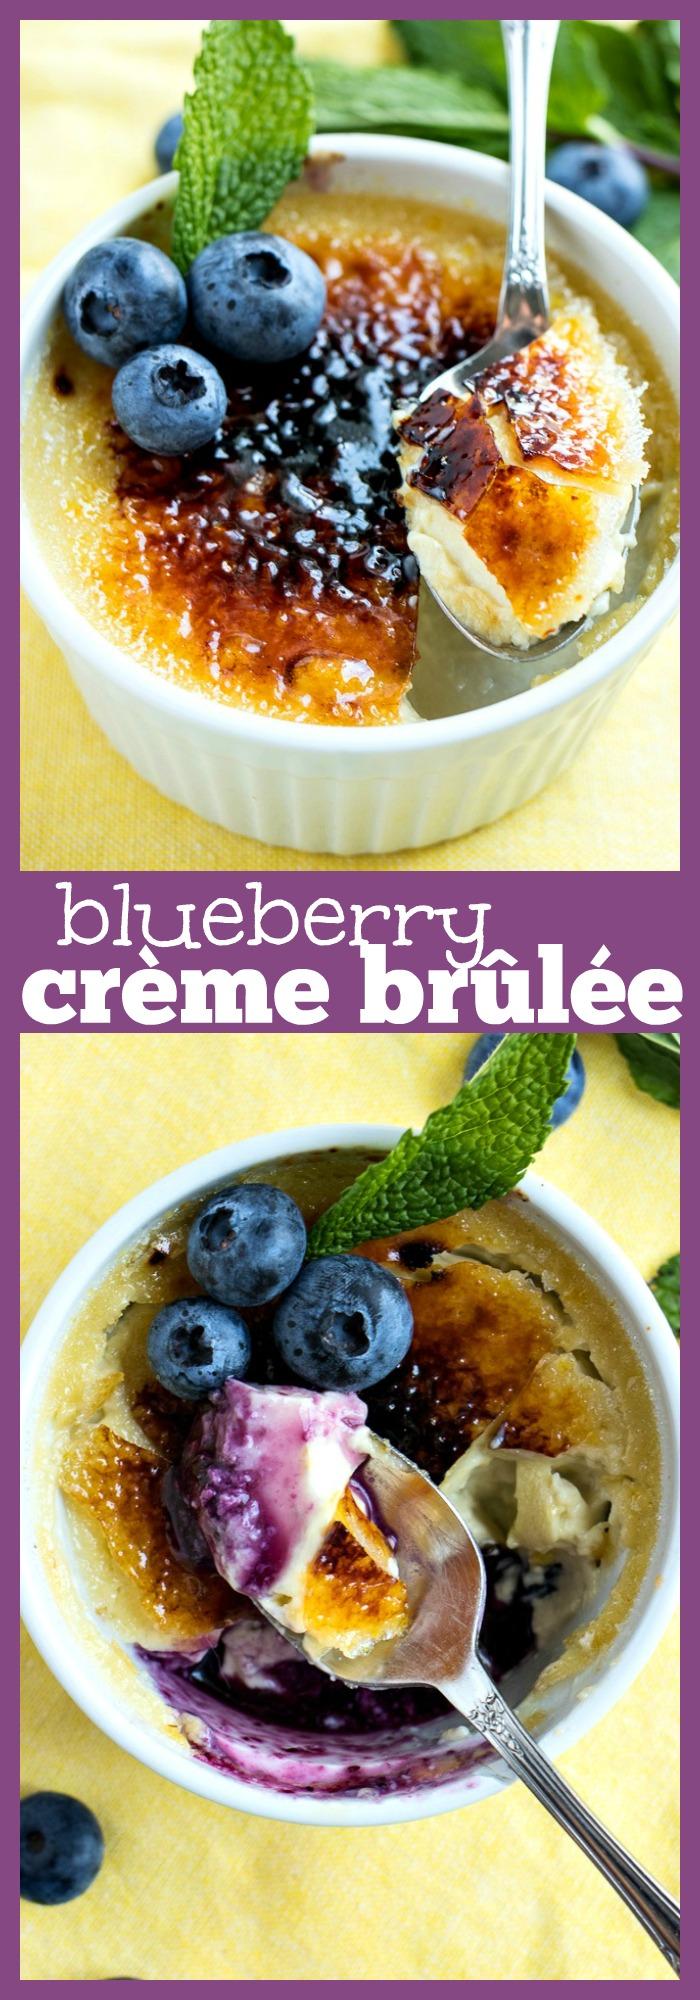 Blueberry Crème Brûlée photo collage